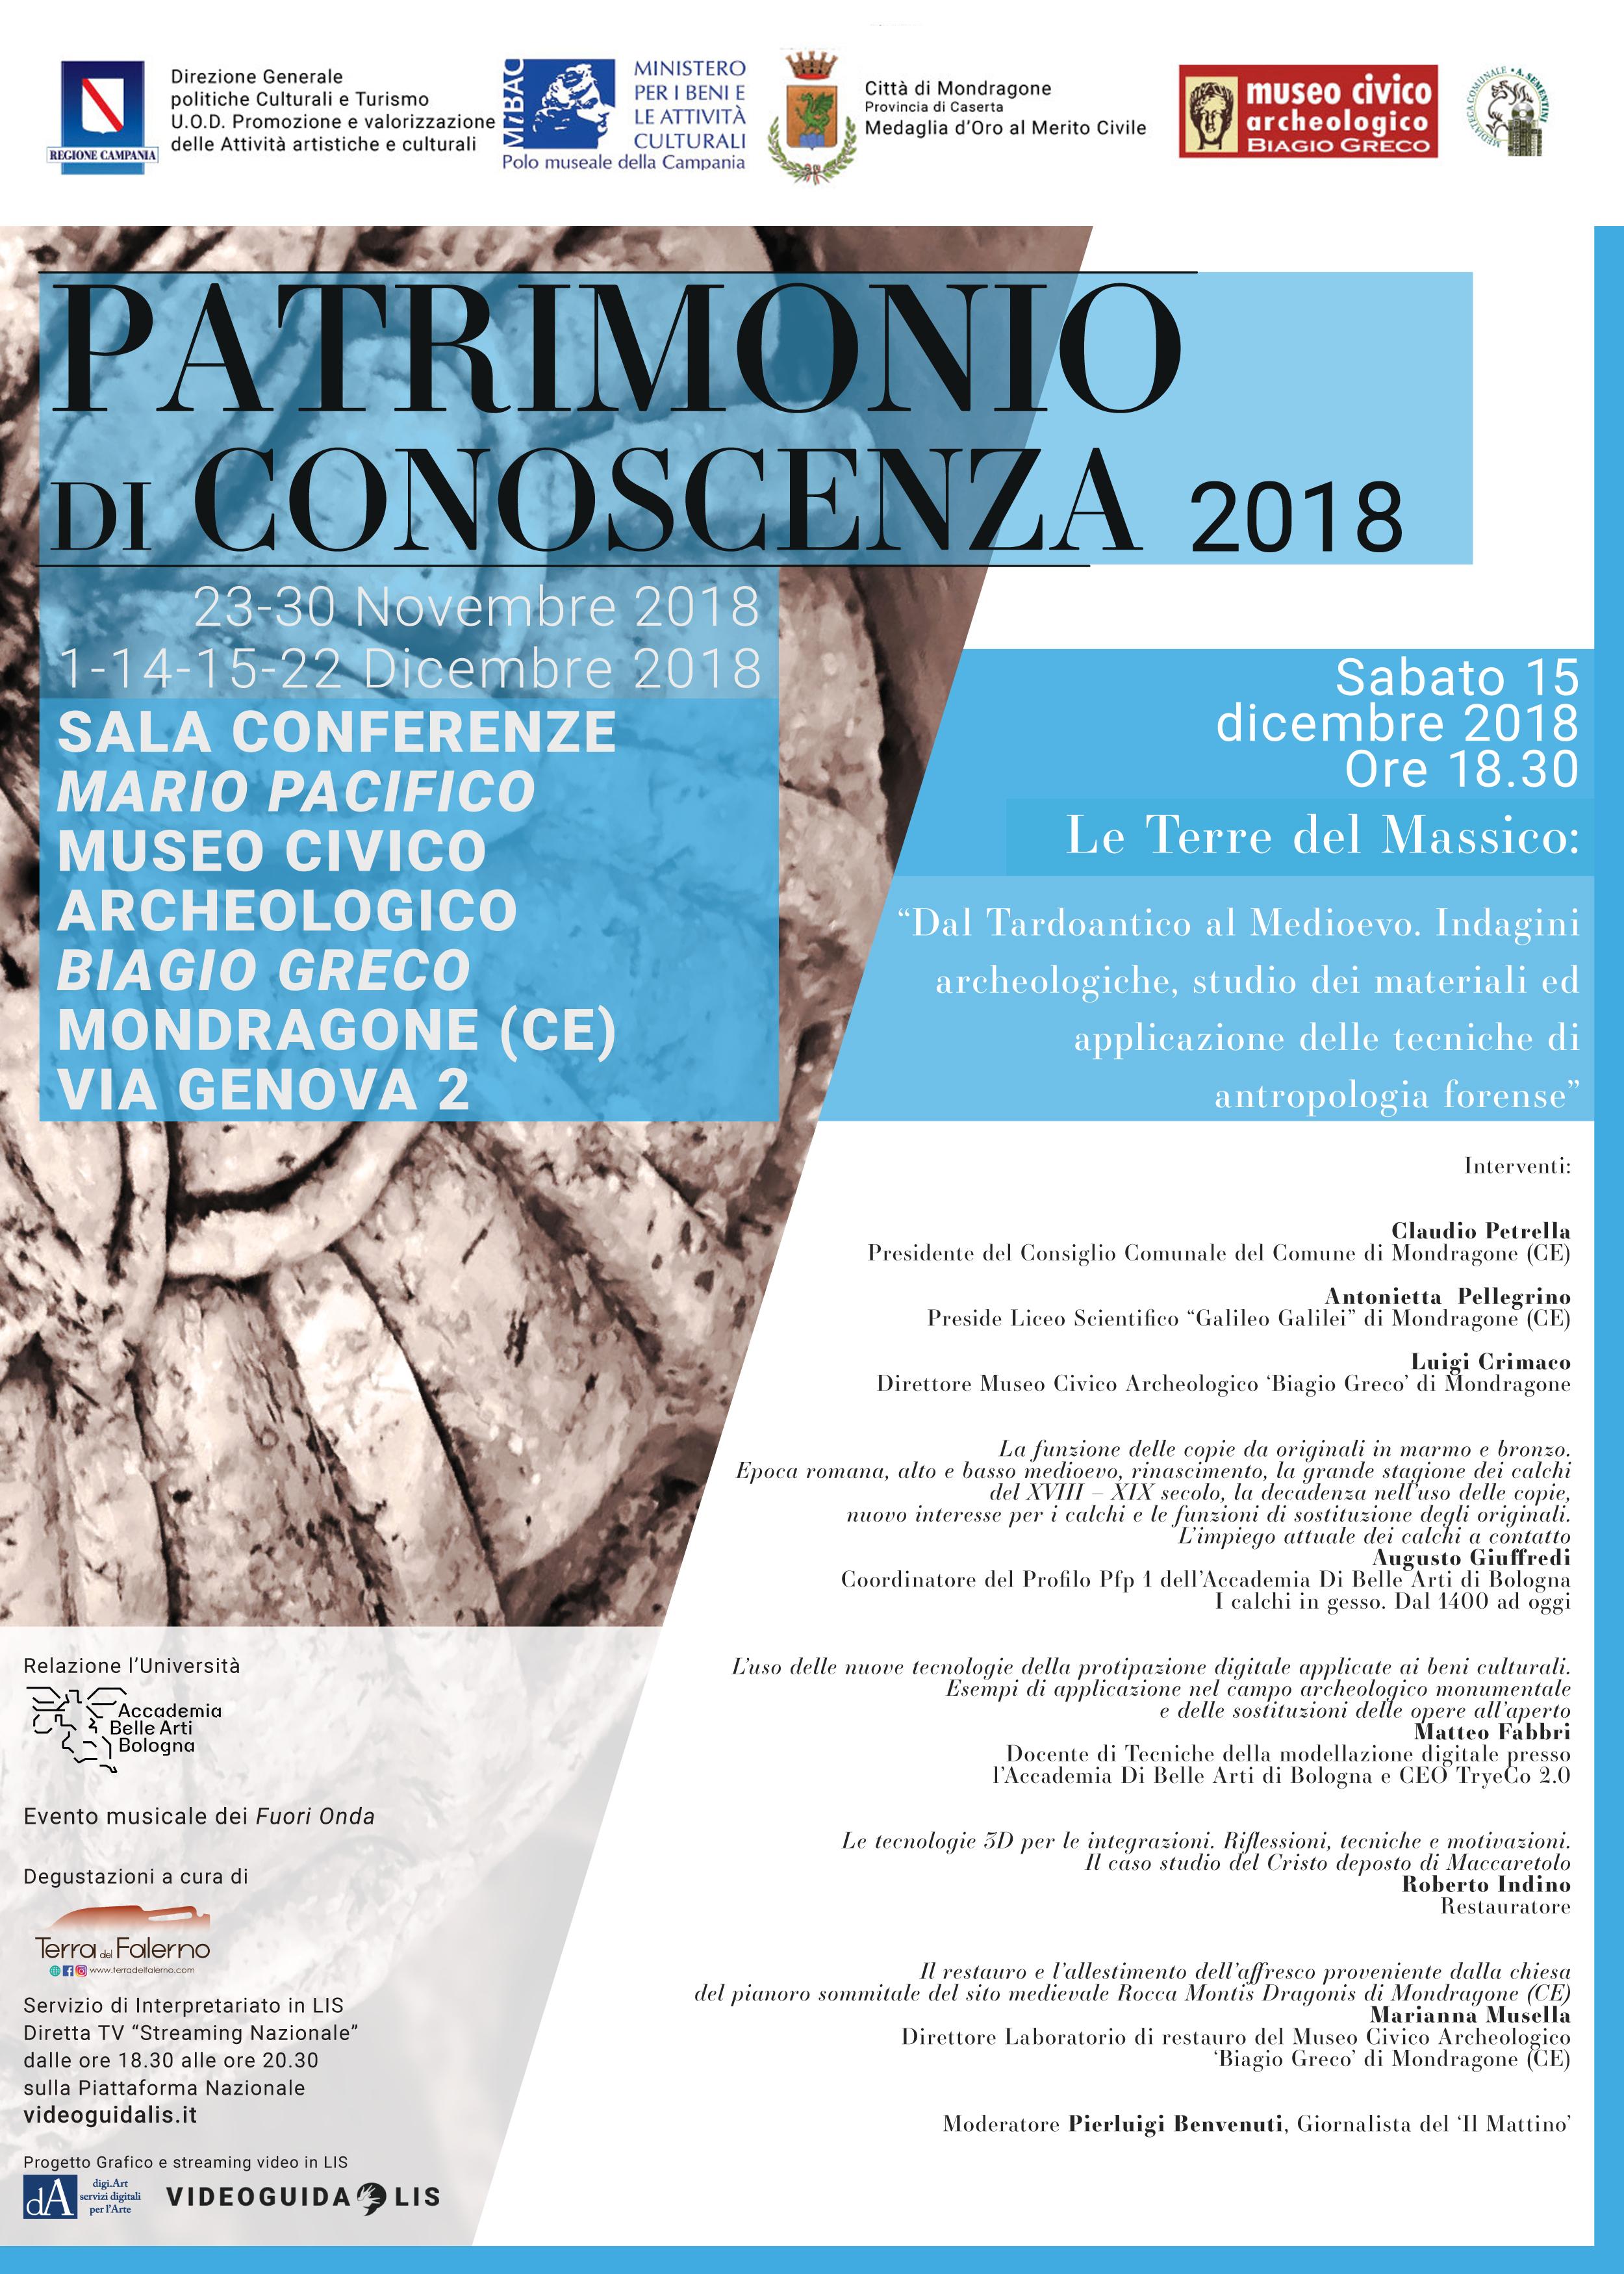 Patrimonio di Conoscenza 2018 locandina quinto appuntamento